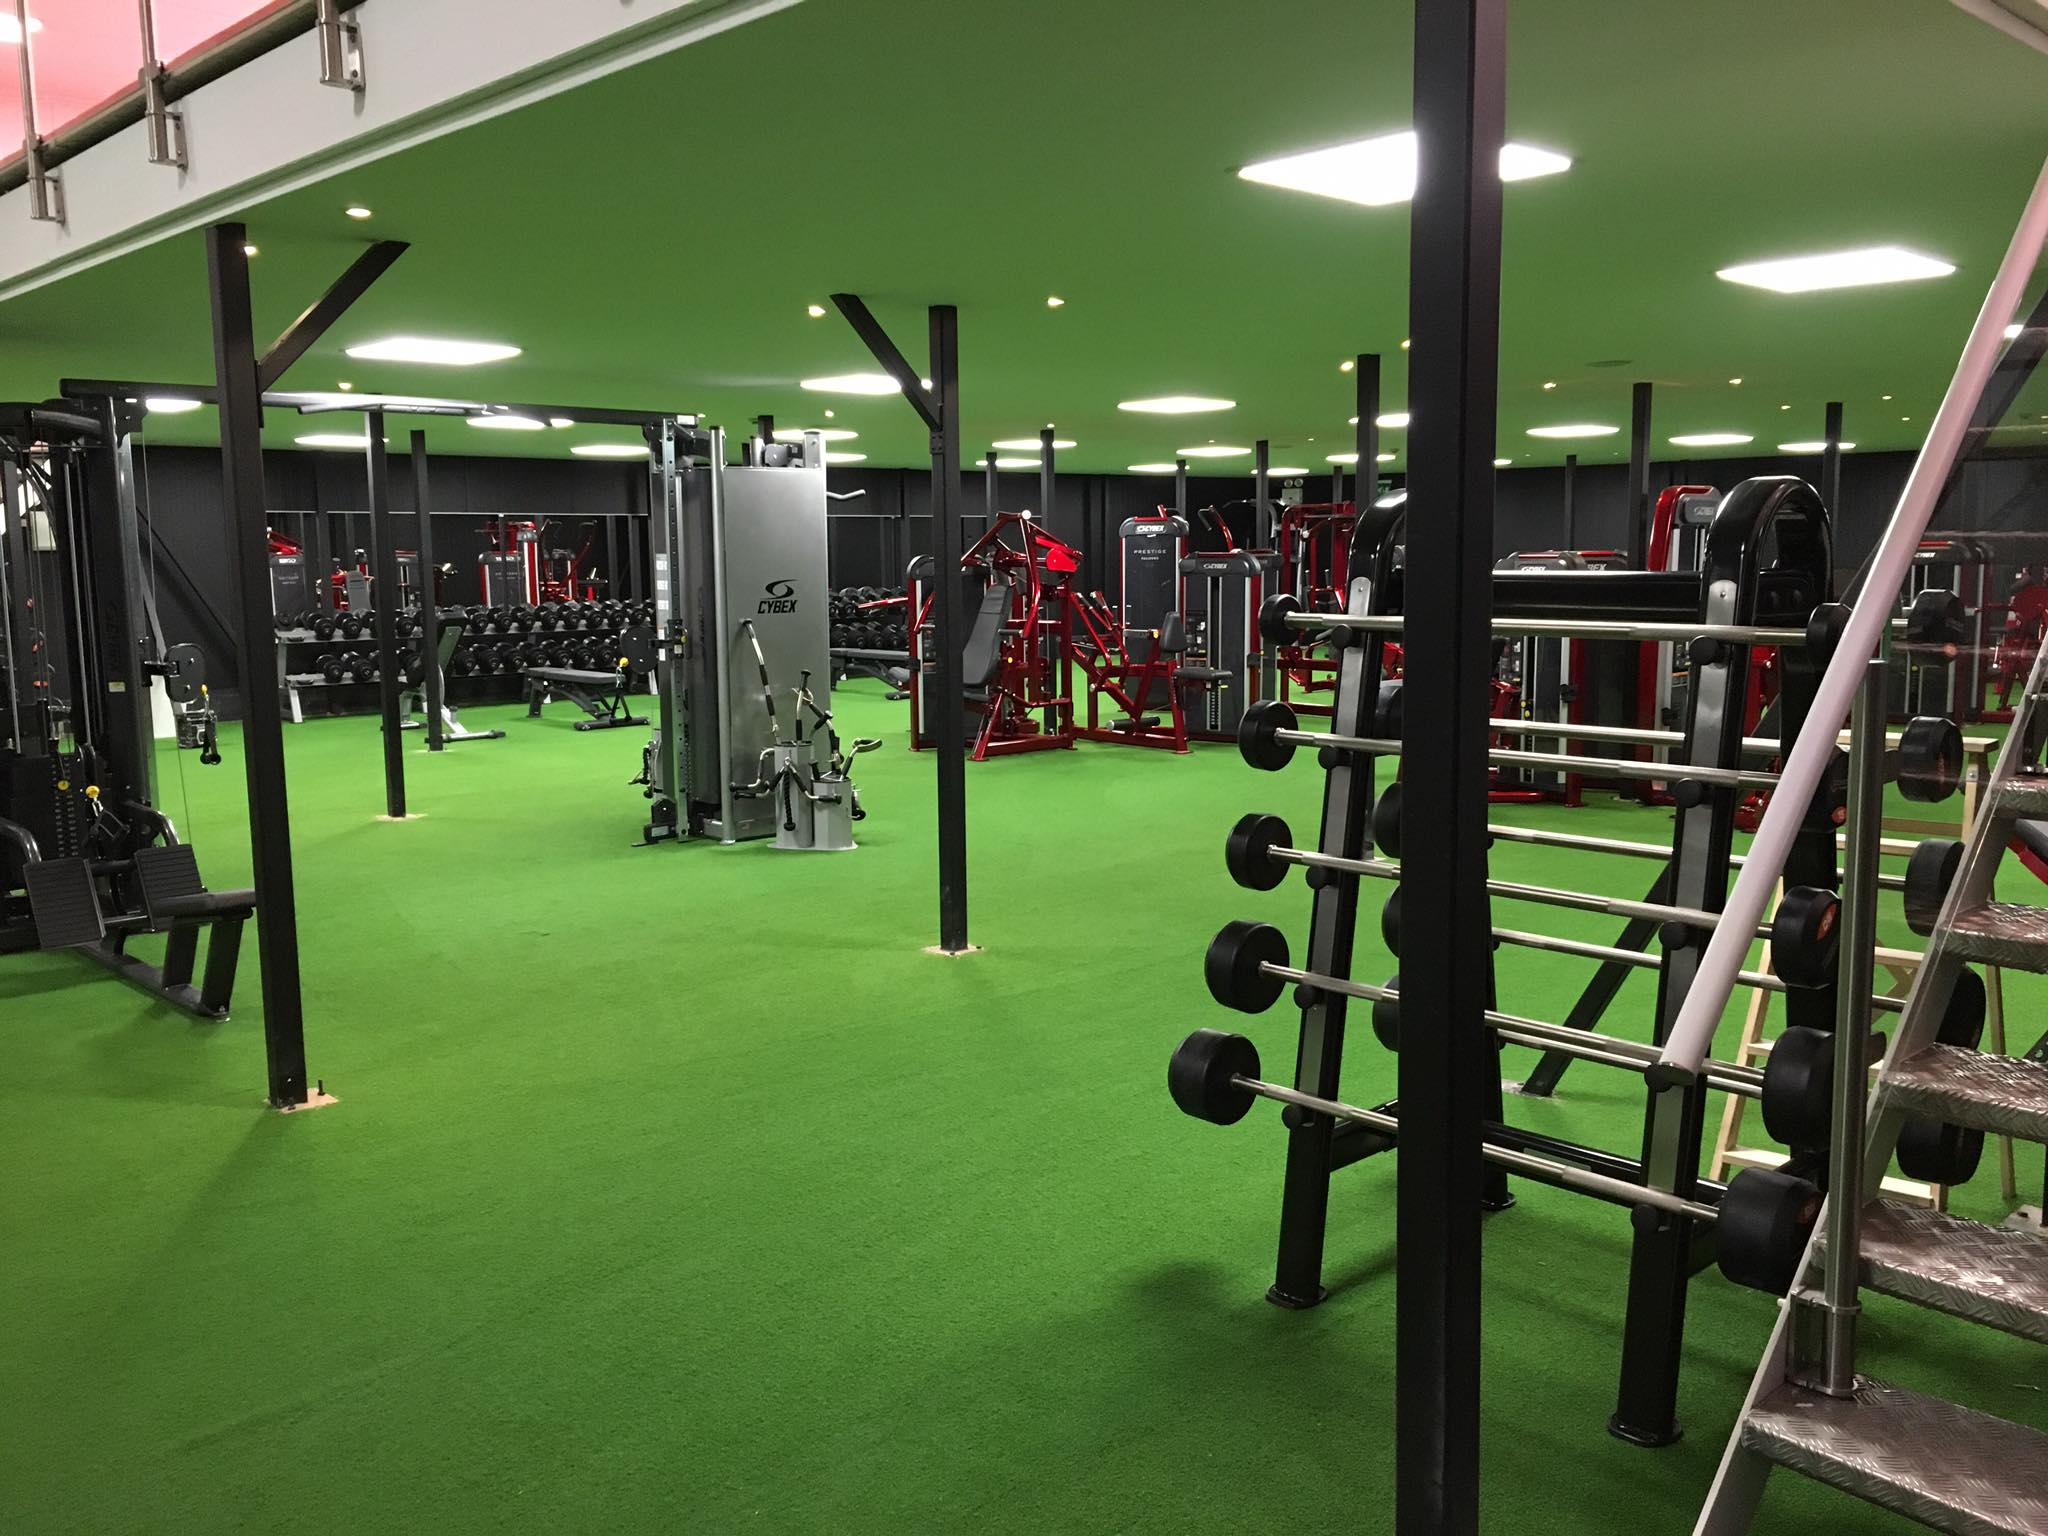 kunstgressbana løpebane gym unisport